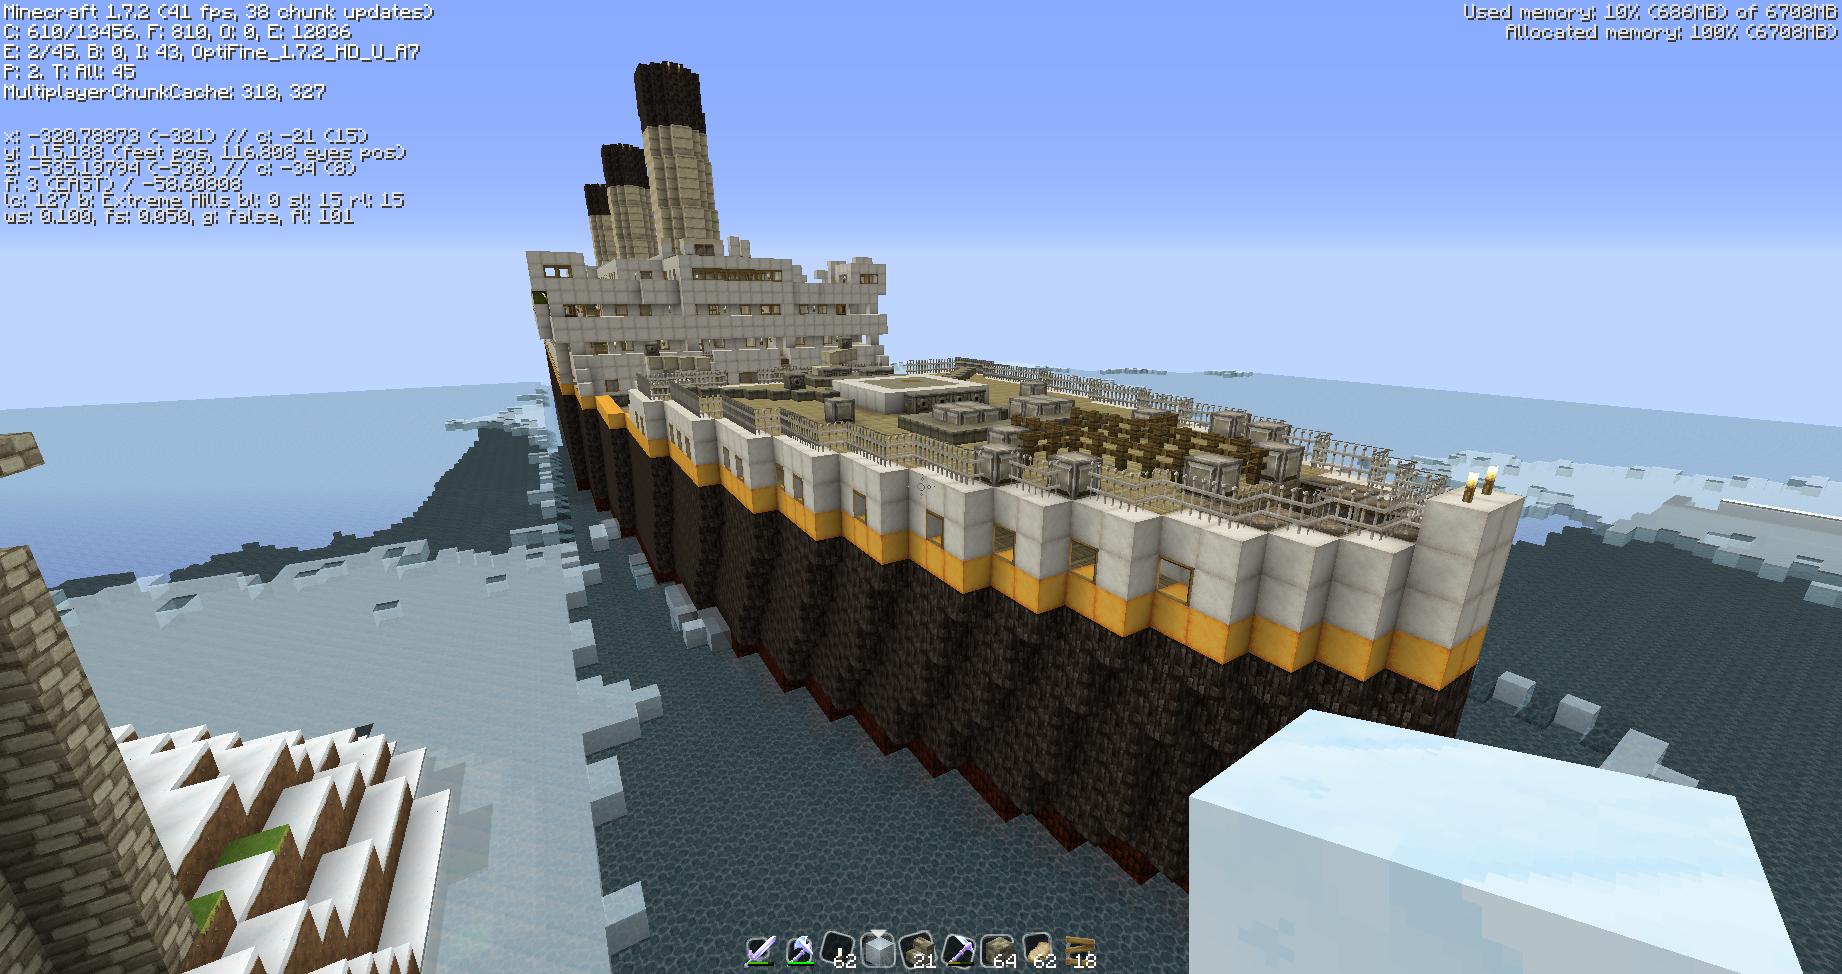 Titanic Unsunken